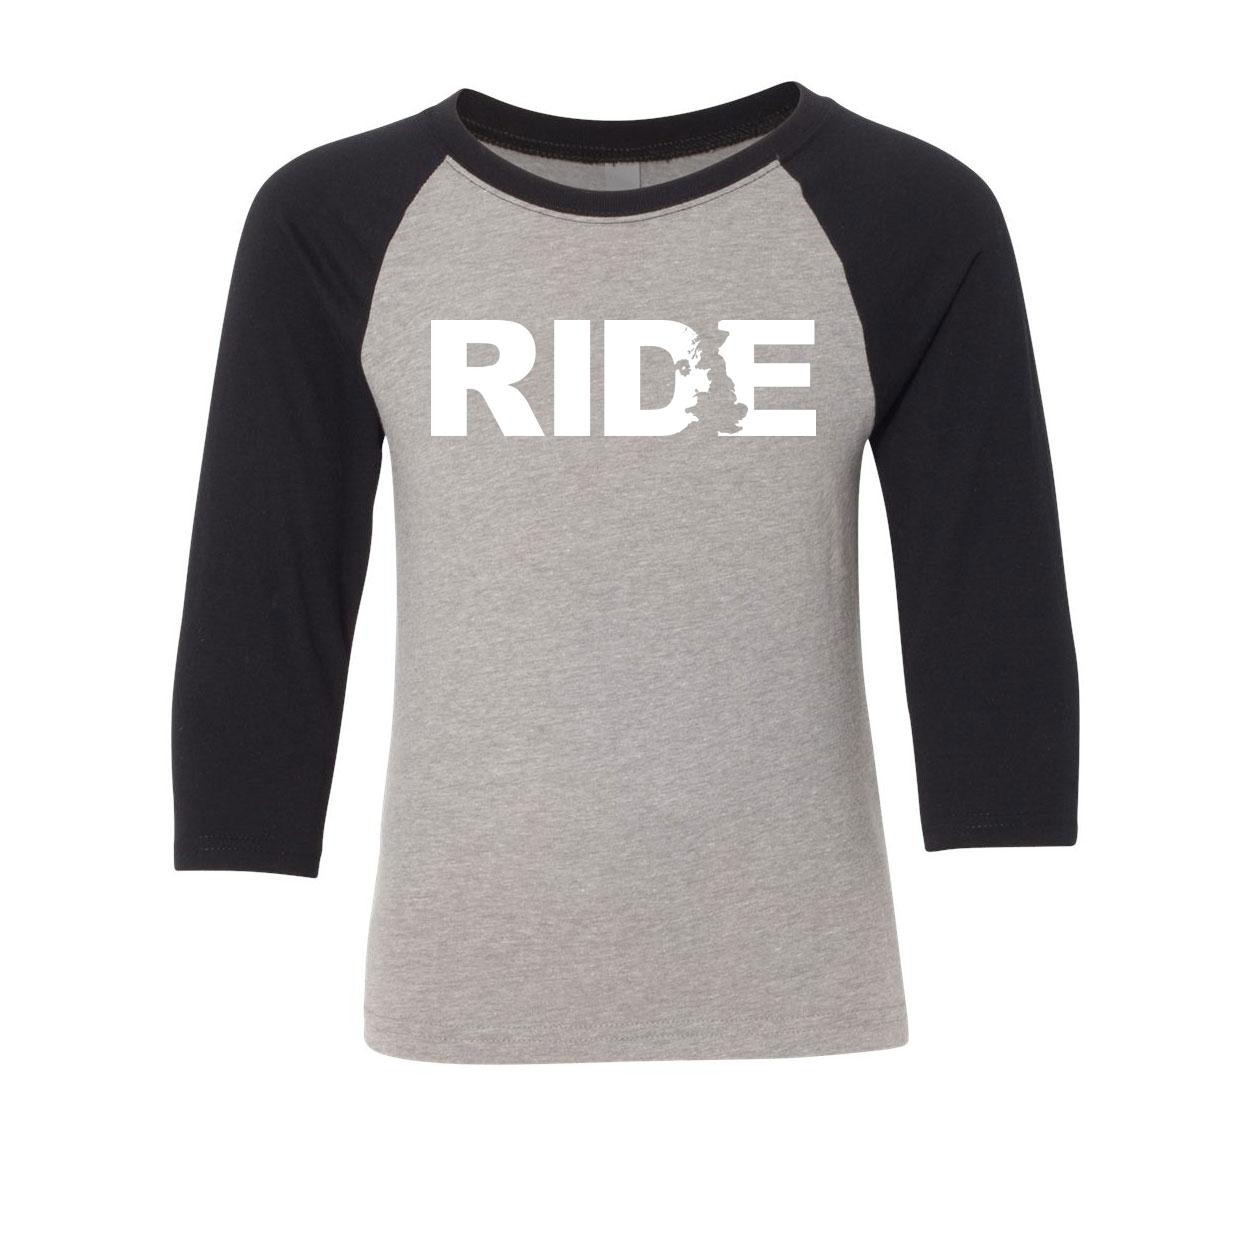 Ride United Kingdom Classic Youth Premium Raglan Shirt Gray/Black (White Logo)